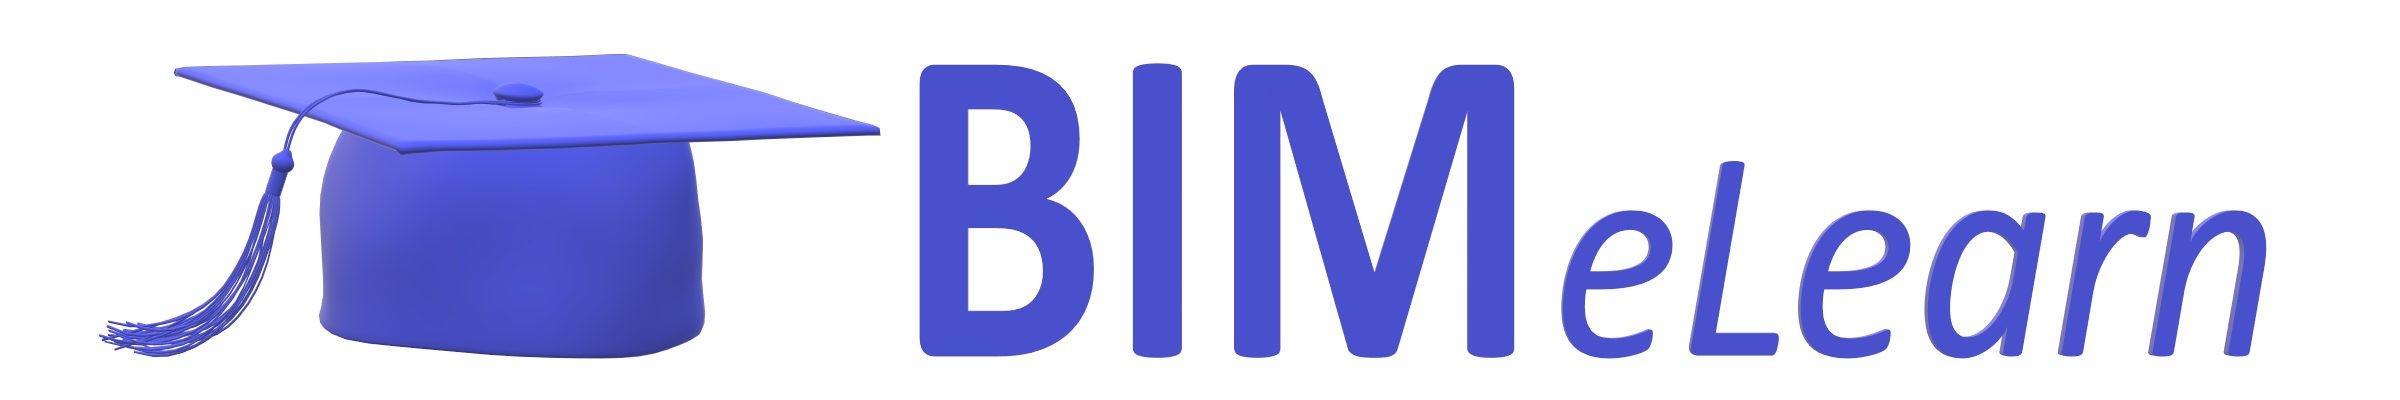 BImeLearn.com